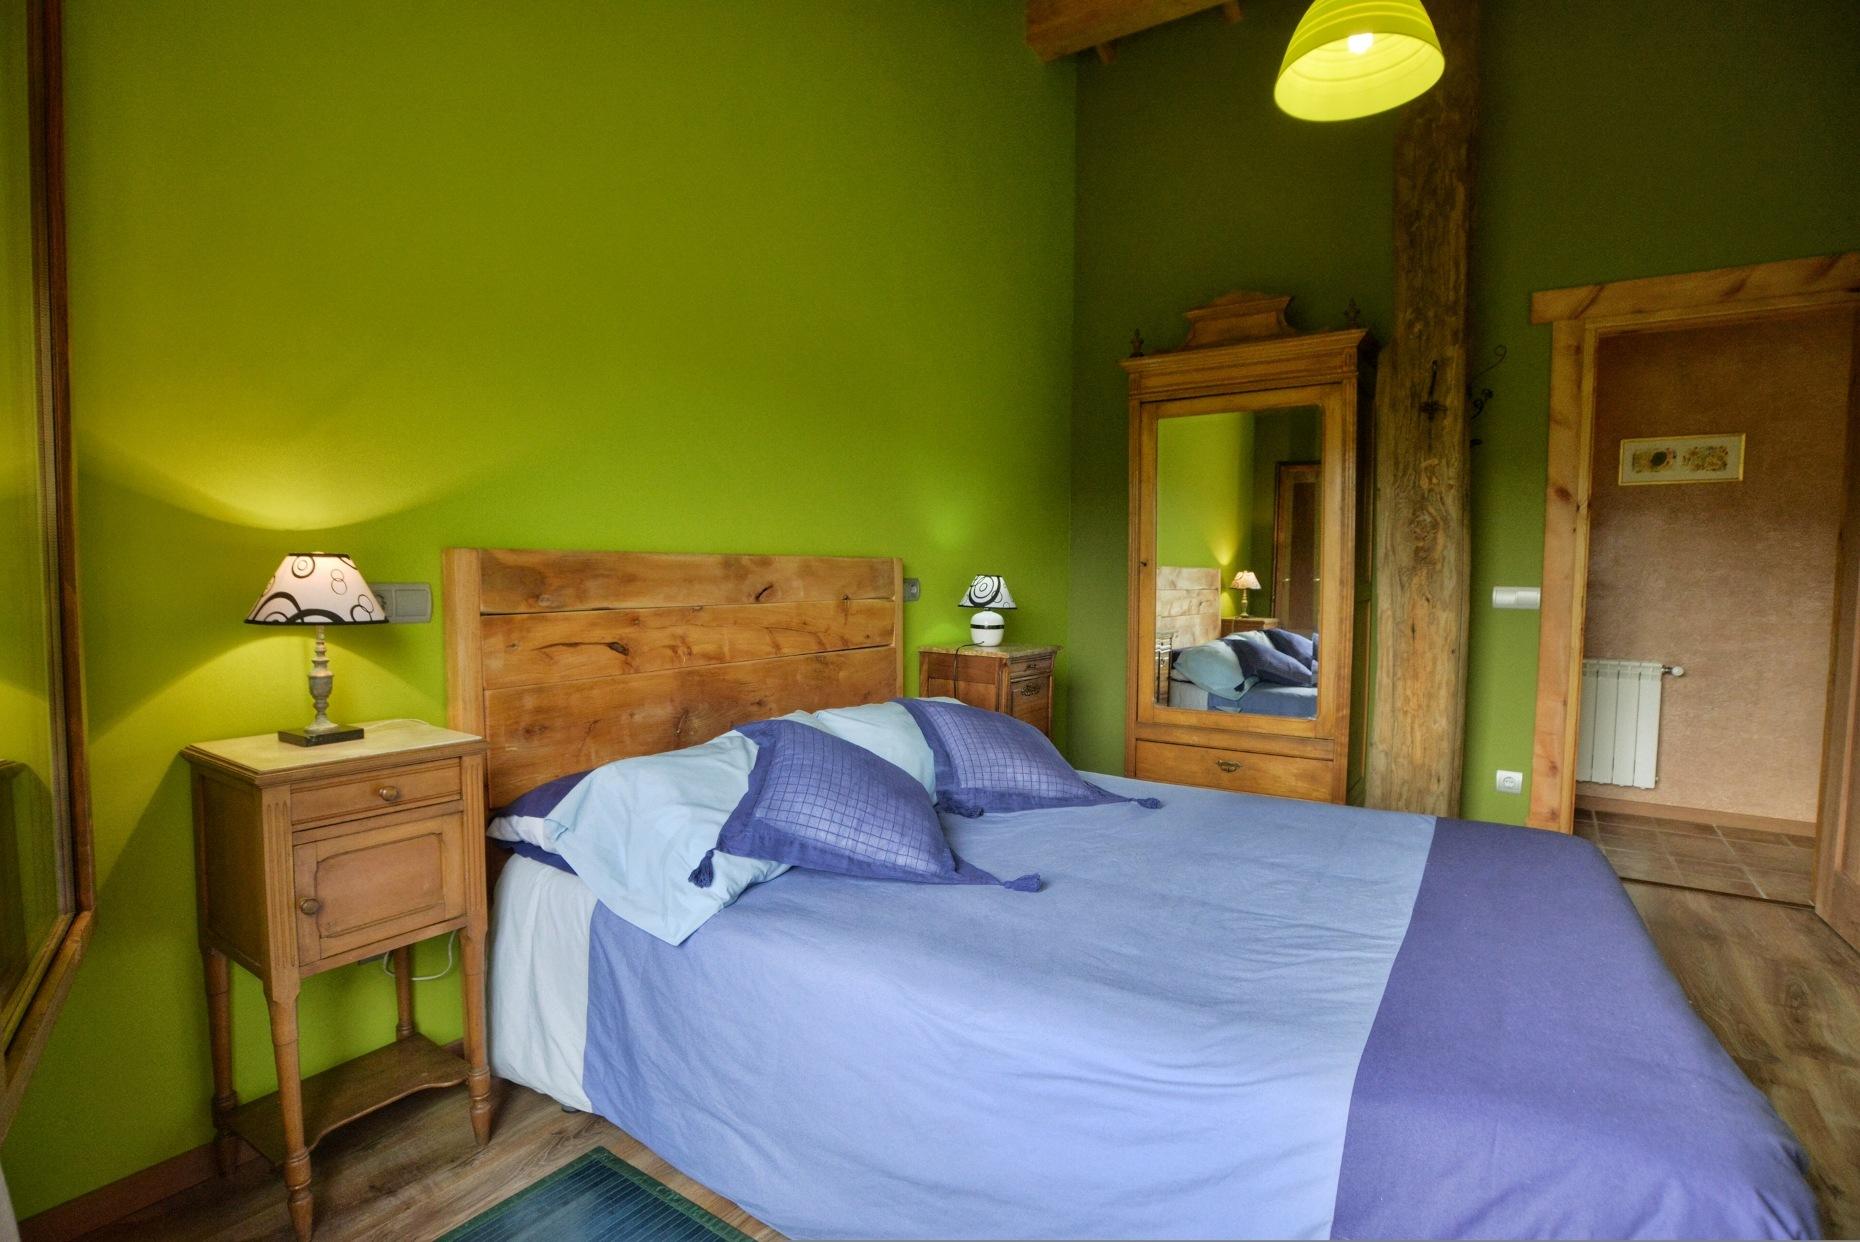 Casa rural El Encanto - El Mayulon - Acogedora habitación dormitorio verde